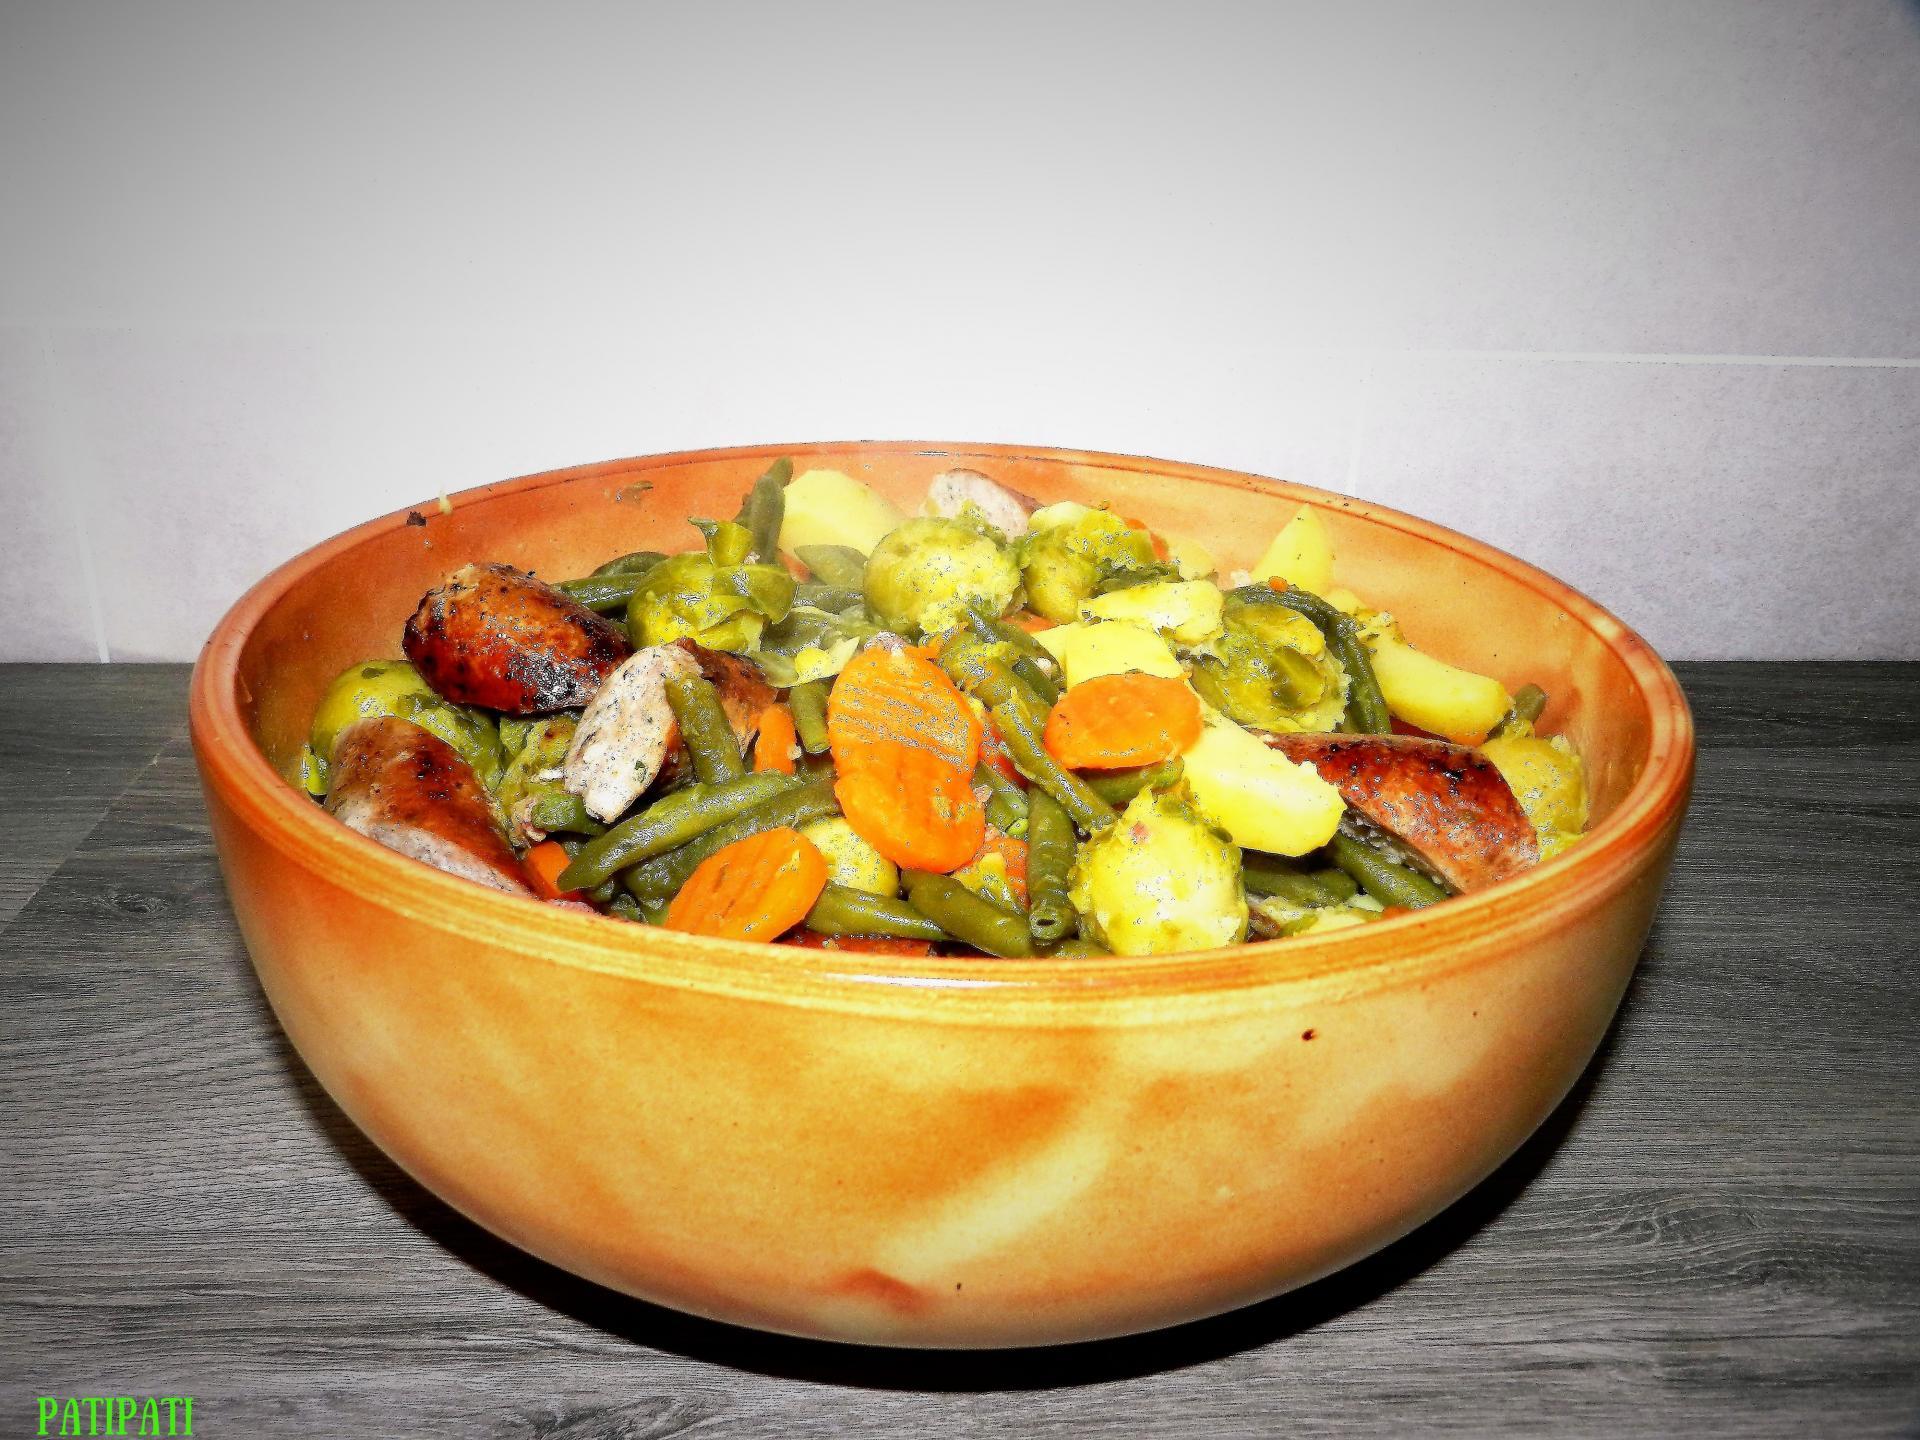 Potee aux petits choux haricots carottes et saucisses